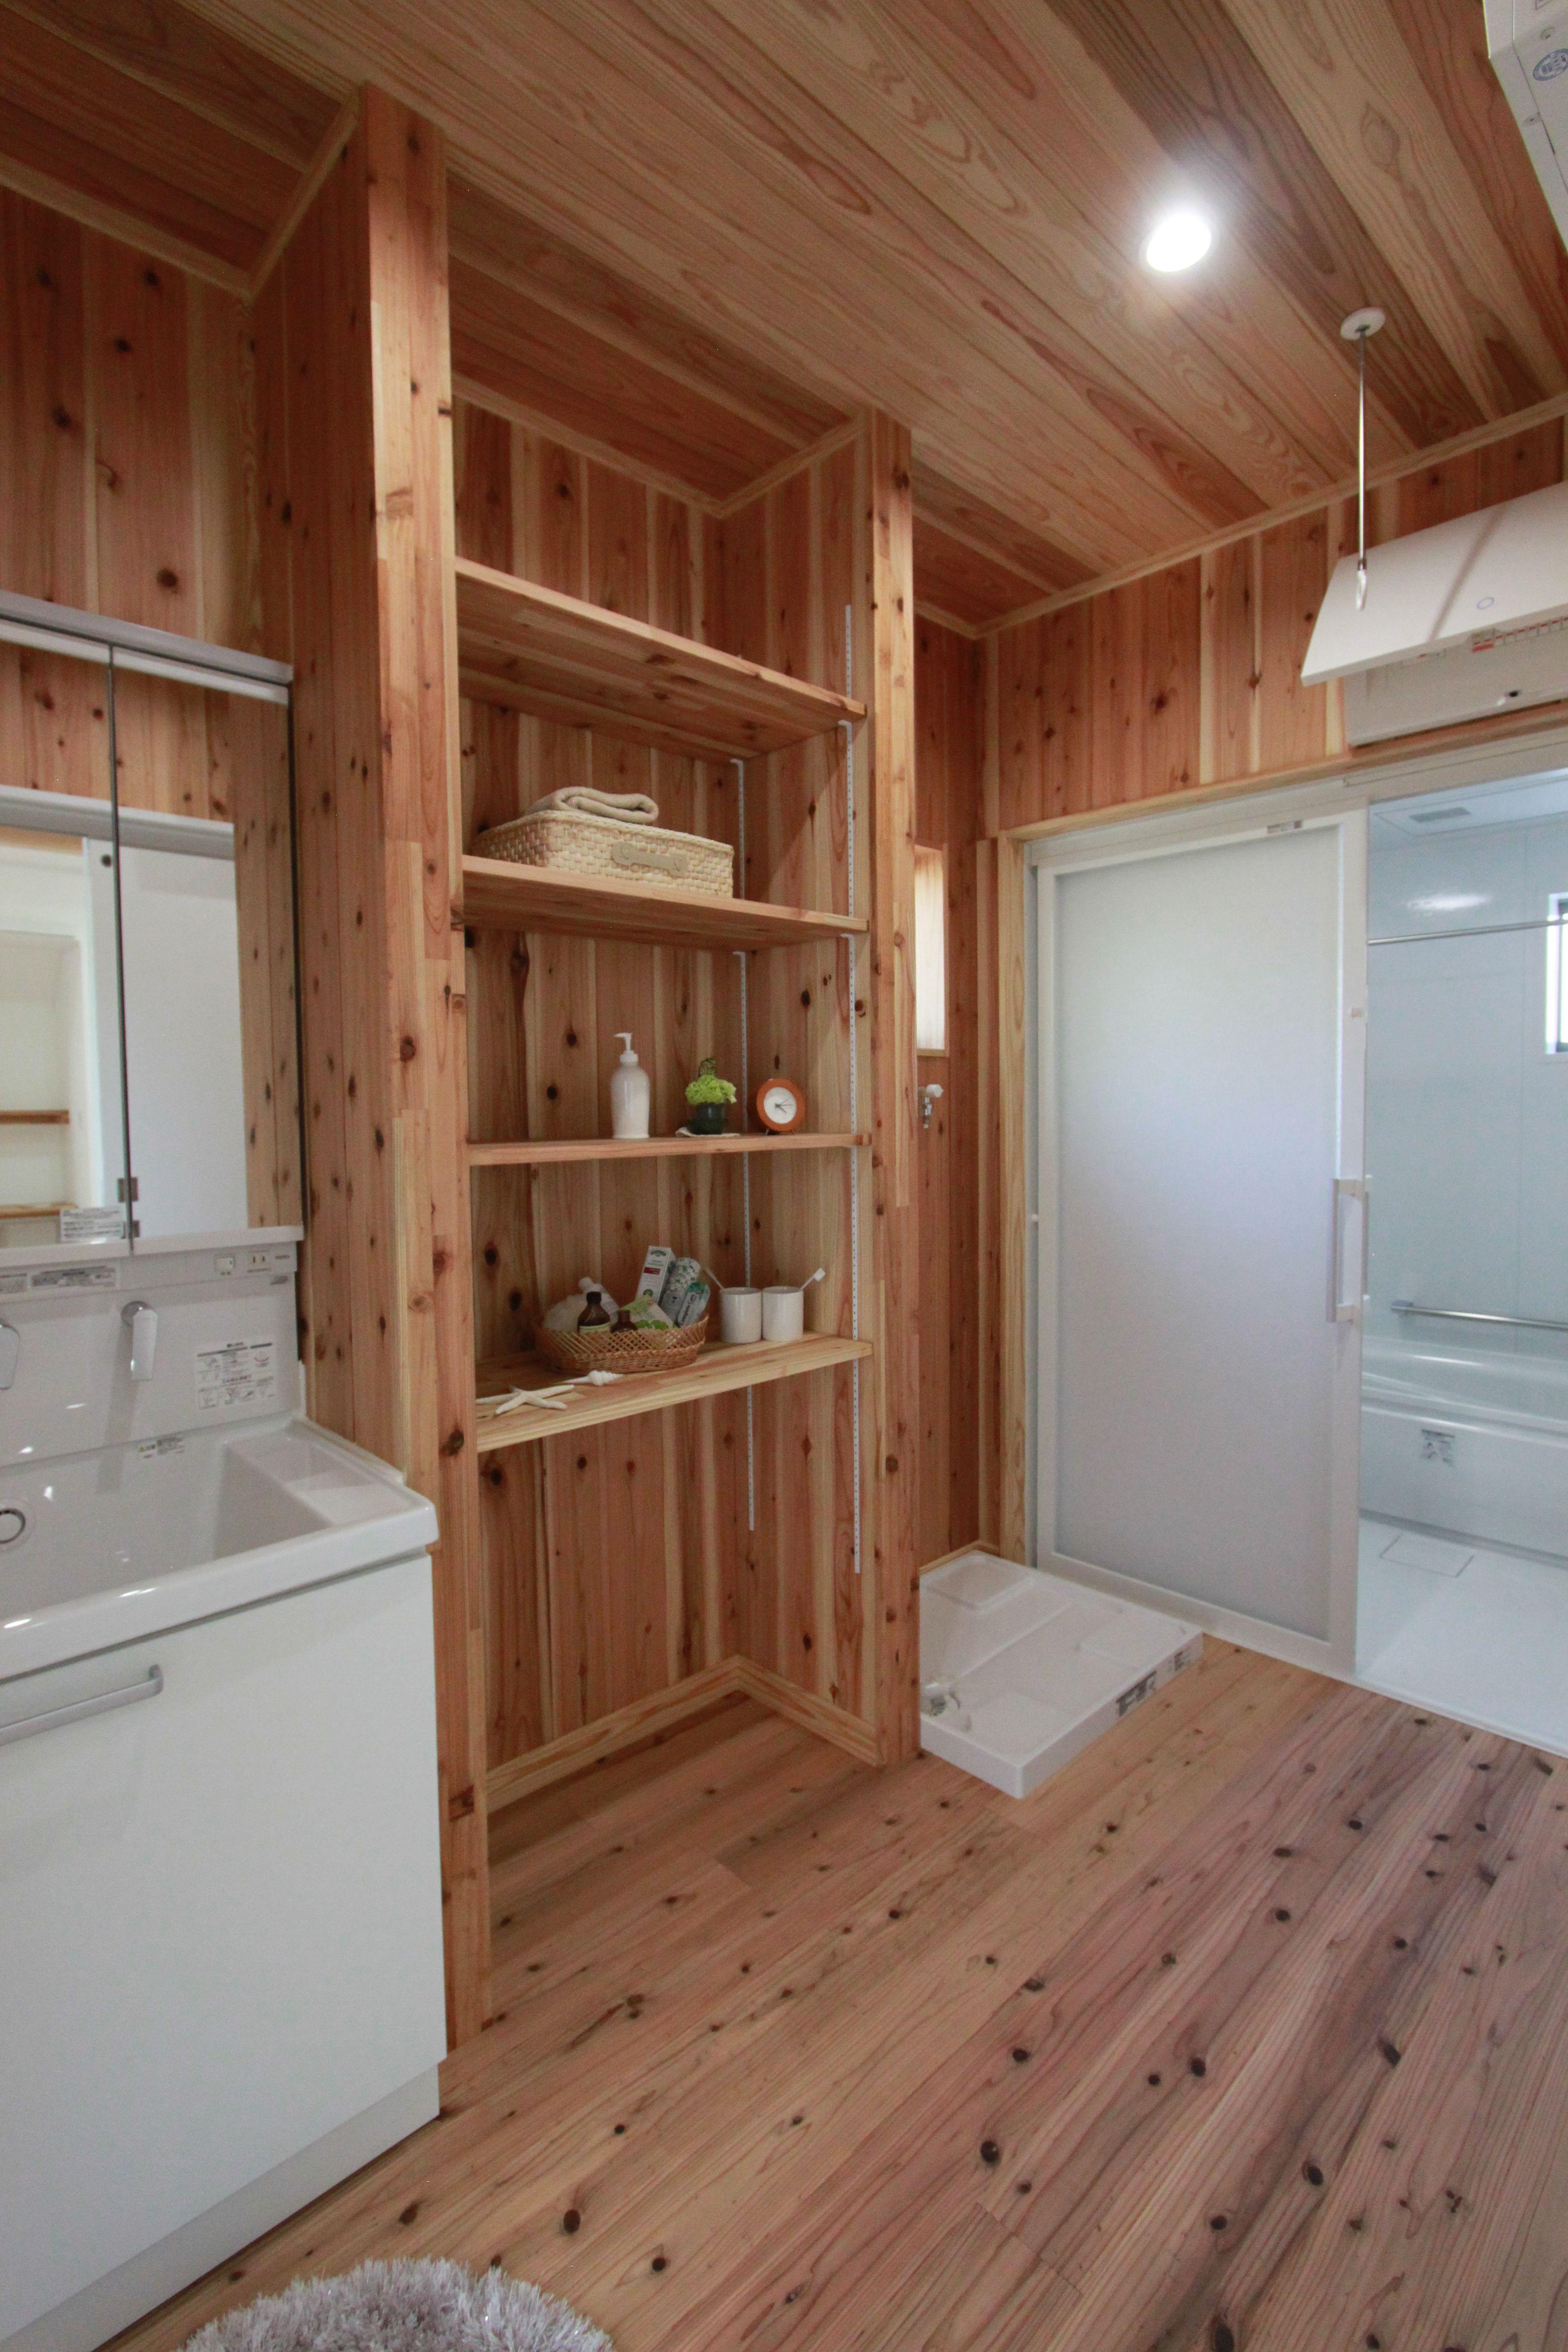 脱衣室は床も壁も天井も全部木材 お風呂あがりもさっぱり気持ちが